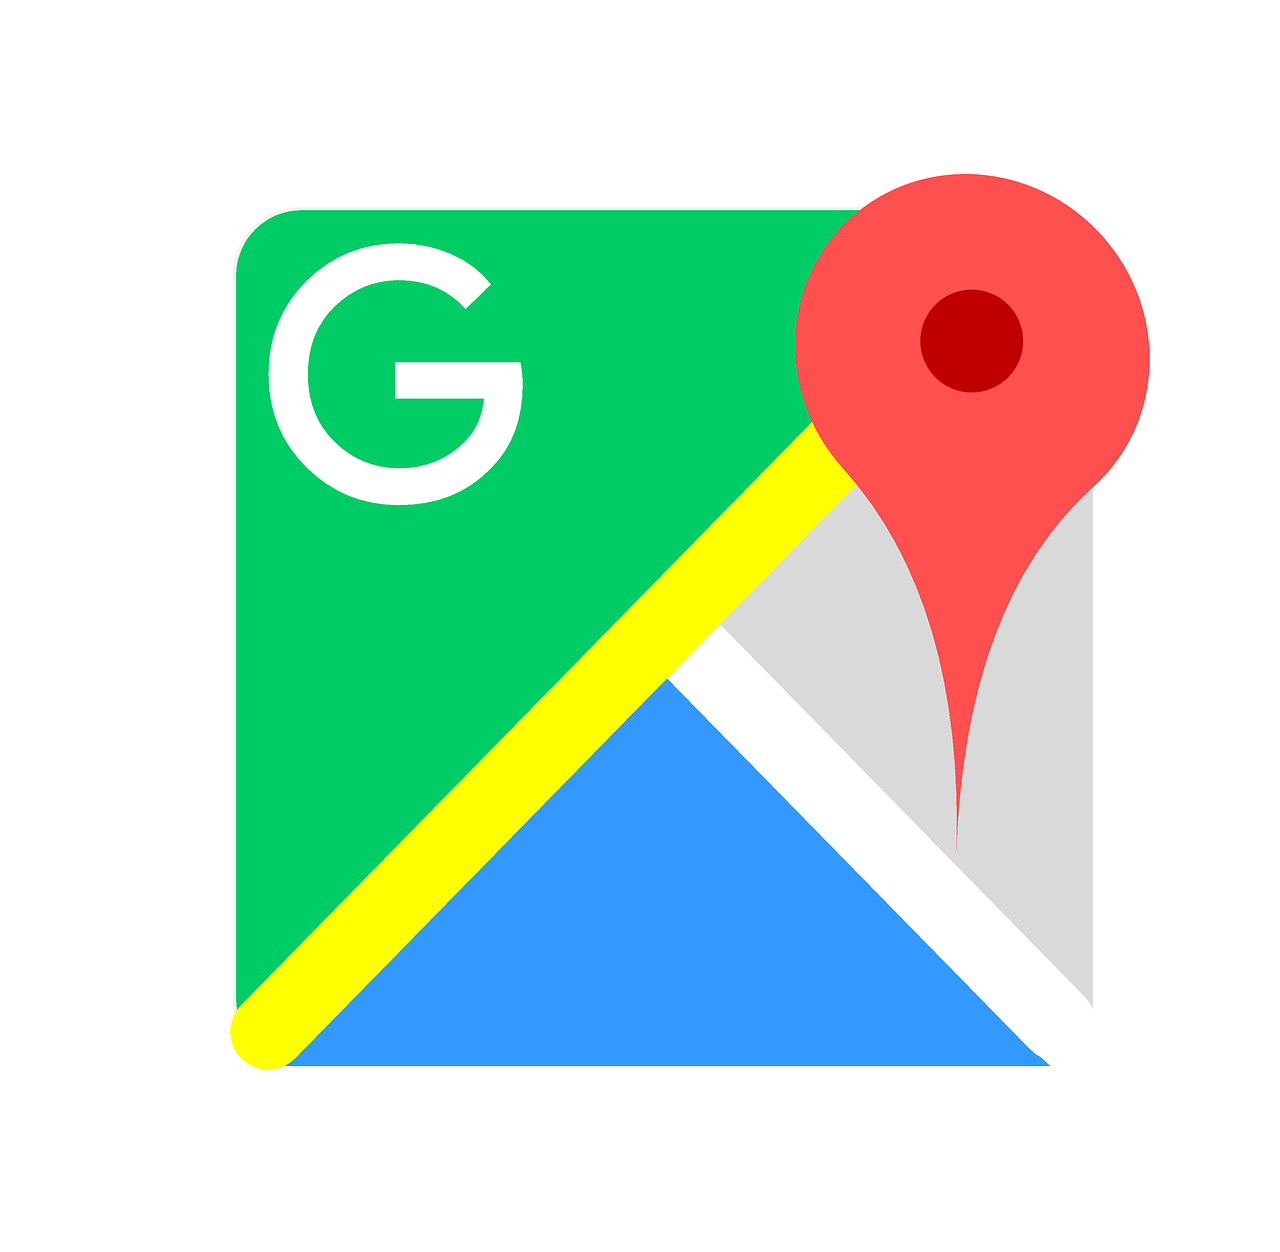 Googleマップ、地図をダウンロードしてオフラインで使用する方法